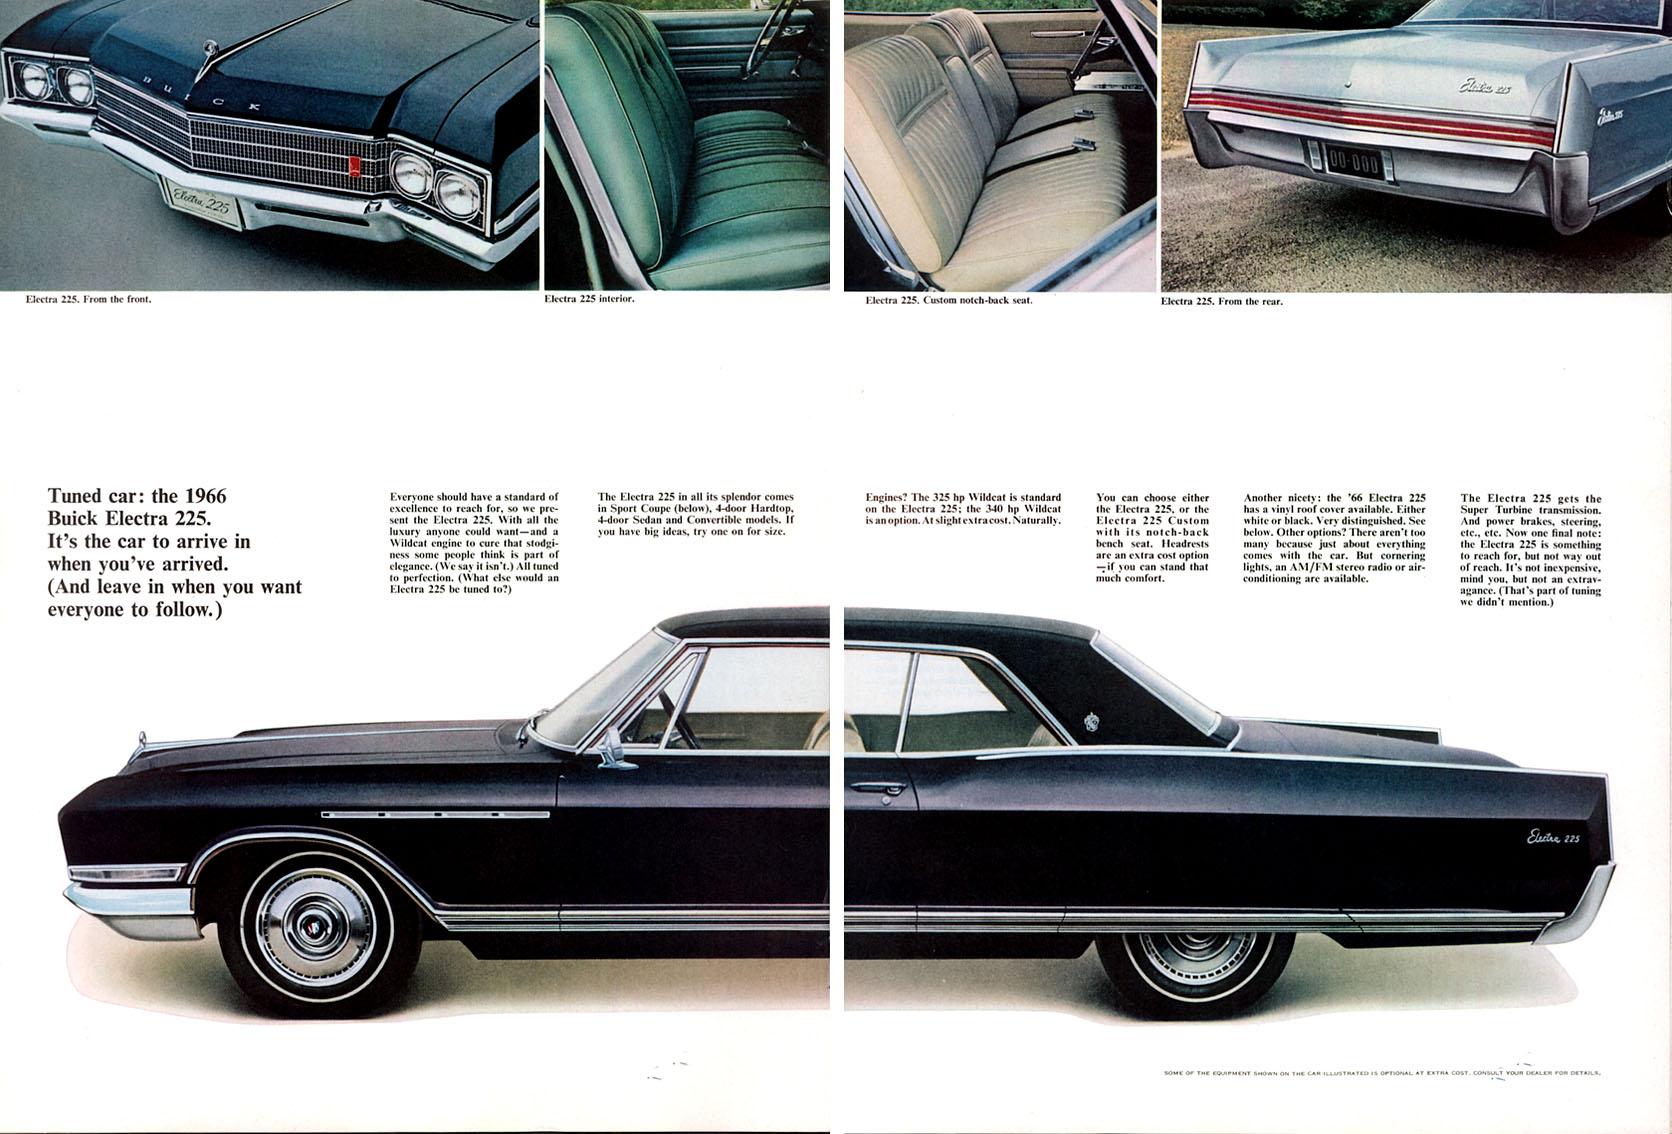 4 jpg 1 672 1 134 pixels buick electra 225 1966